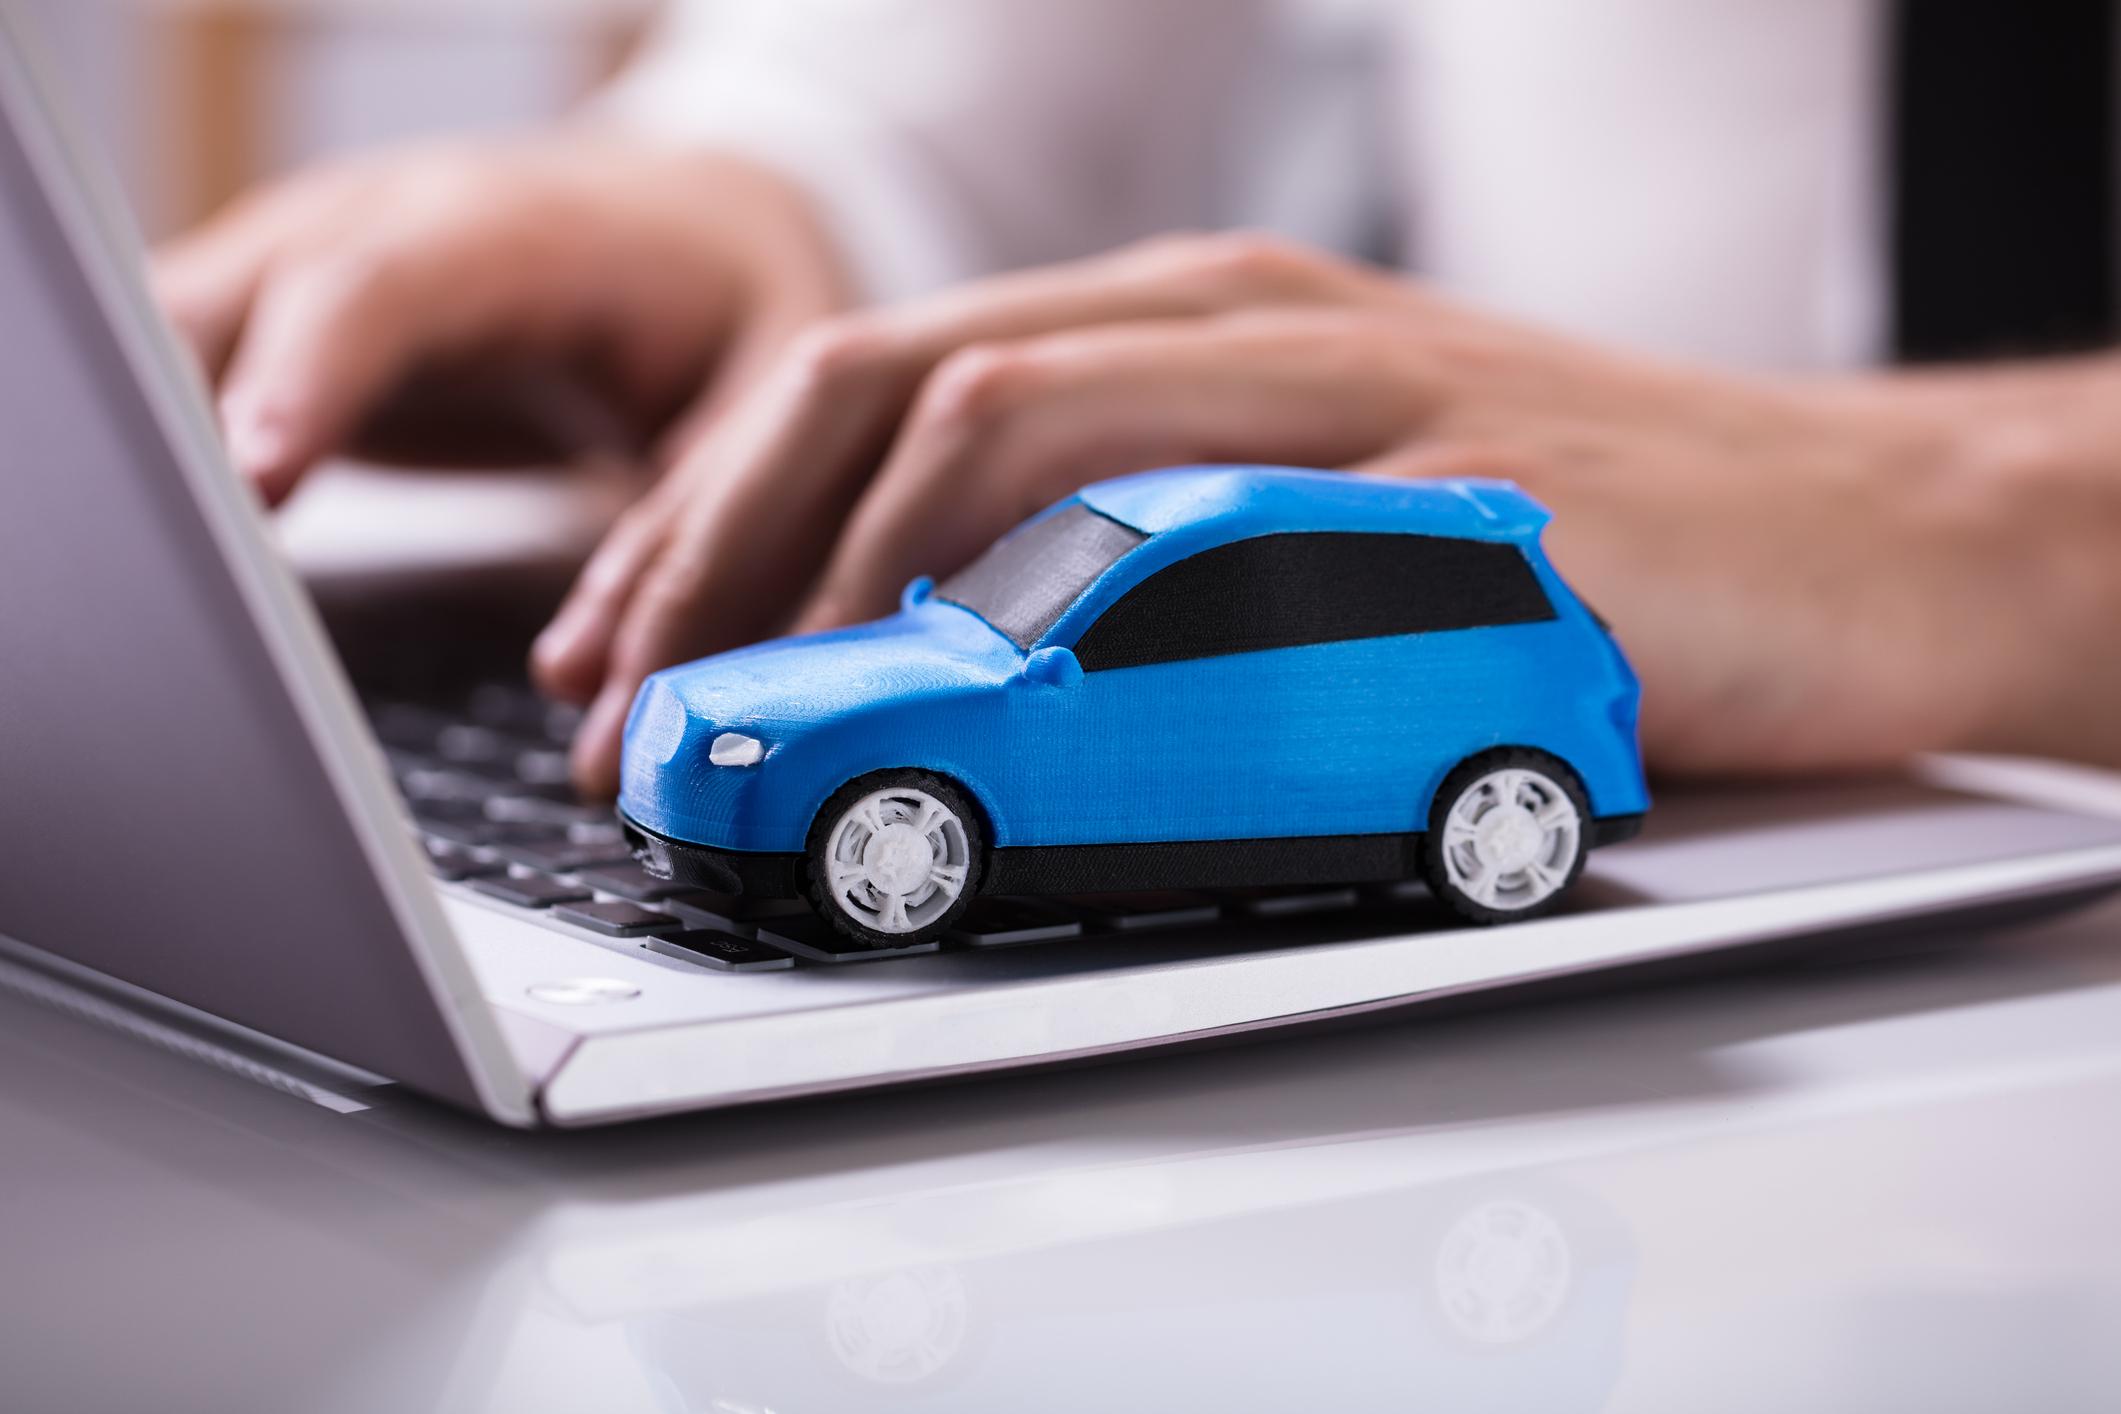 Auto verkaufen kostenfrei